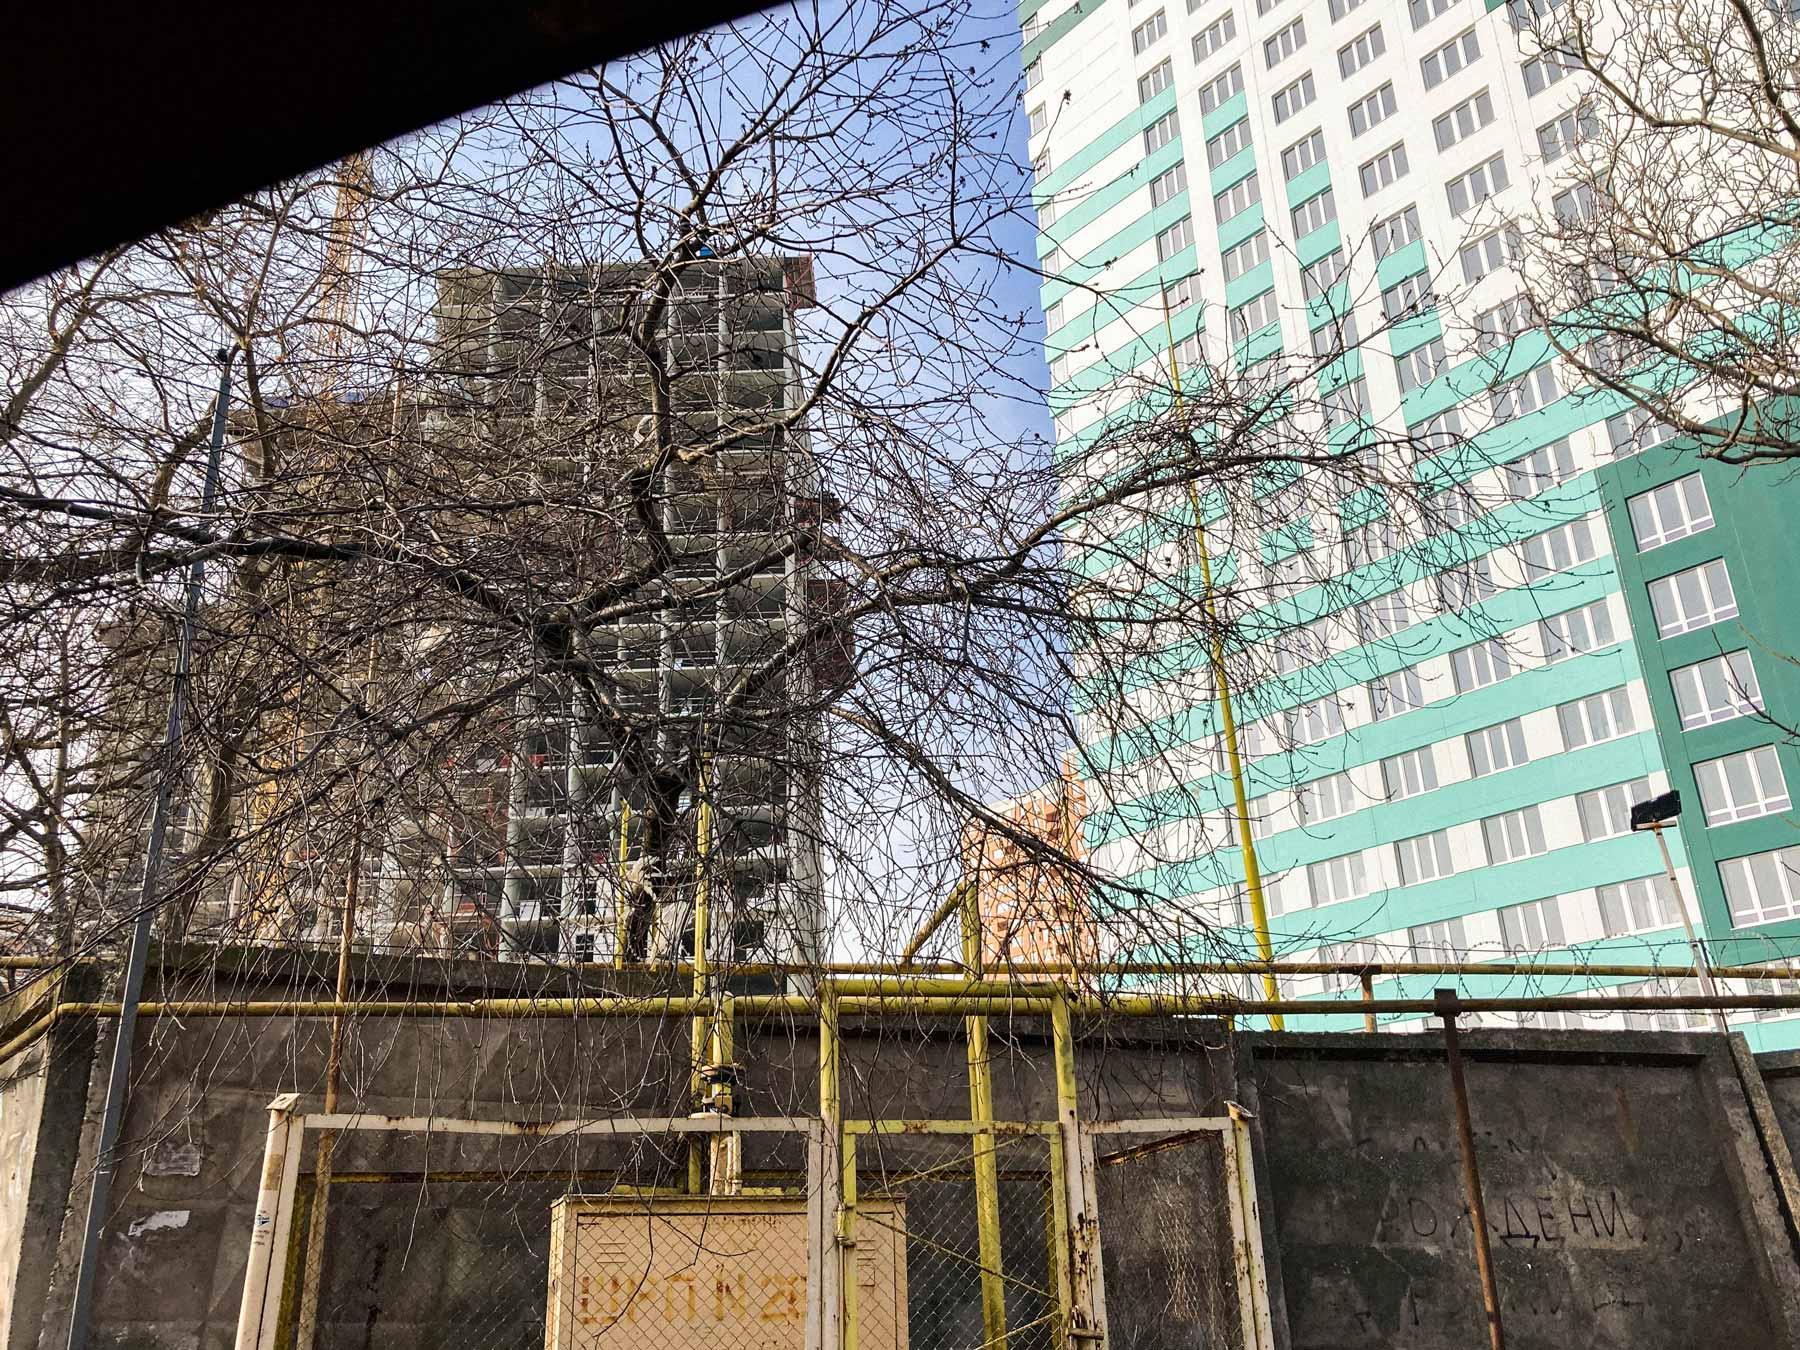 odesa property pelymski 05 - <b>75 метров беззакония.</b> В Одессе строят жилой комплекс, который угрожает полетам и госбезопасности - Заборона